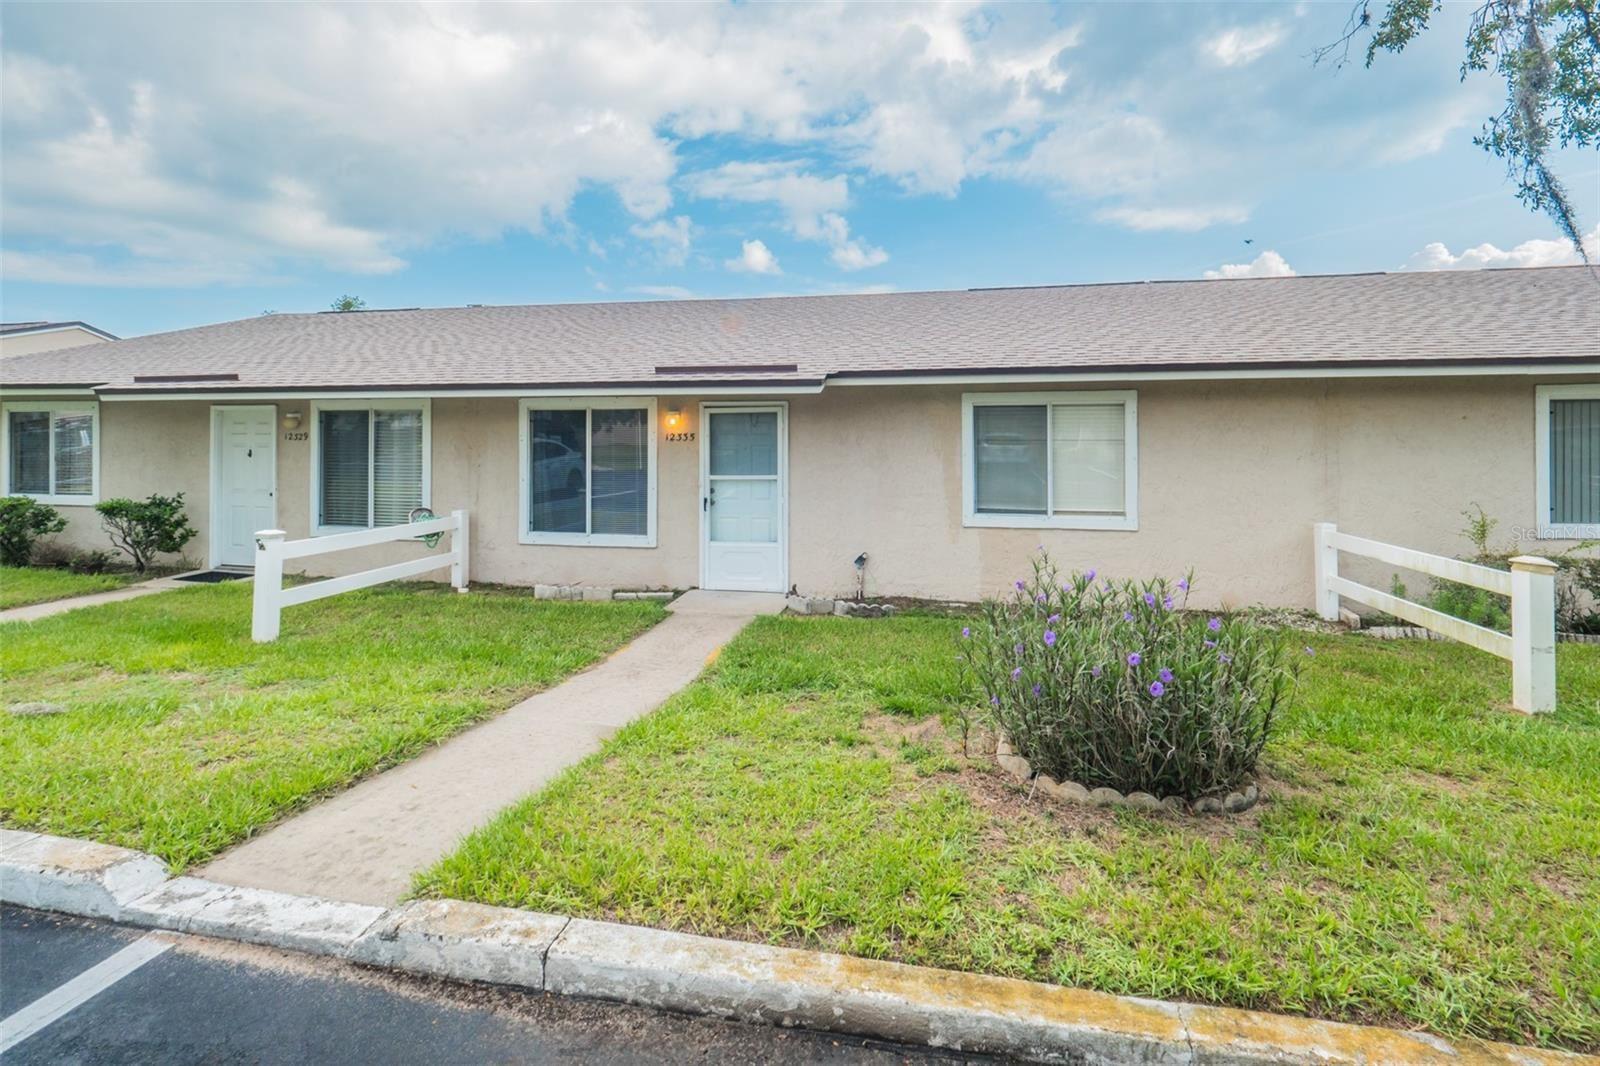 12335 TAVARES RIDGE LANE #12335, Tavares, FL 32778 - #: G5044762